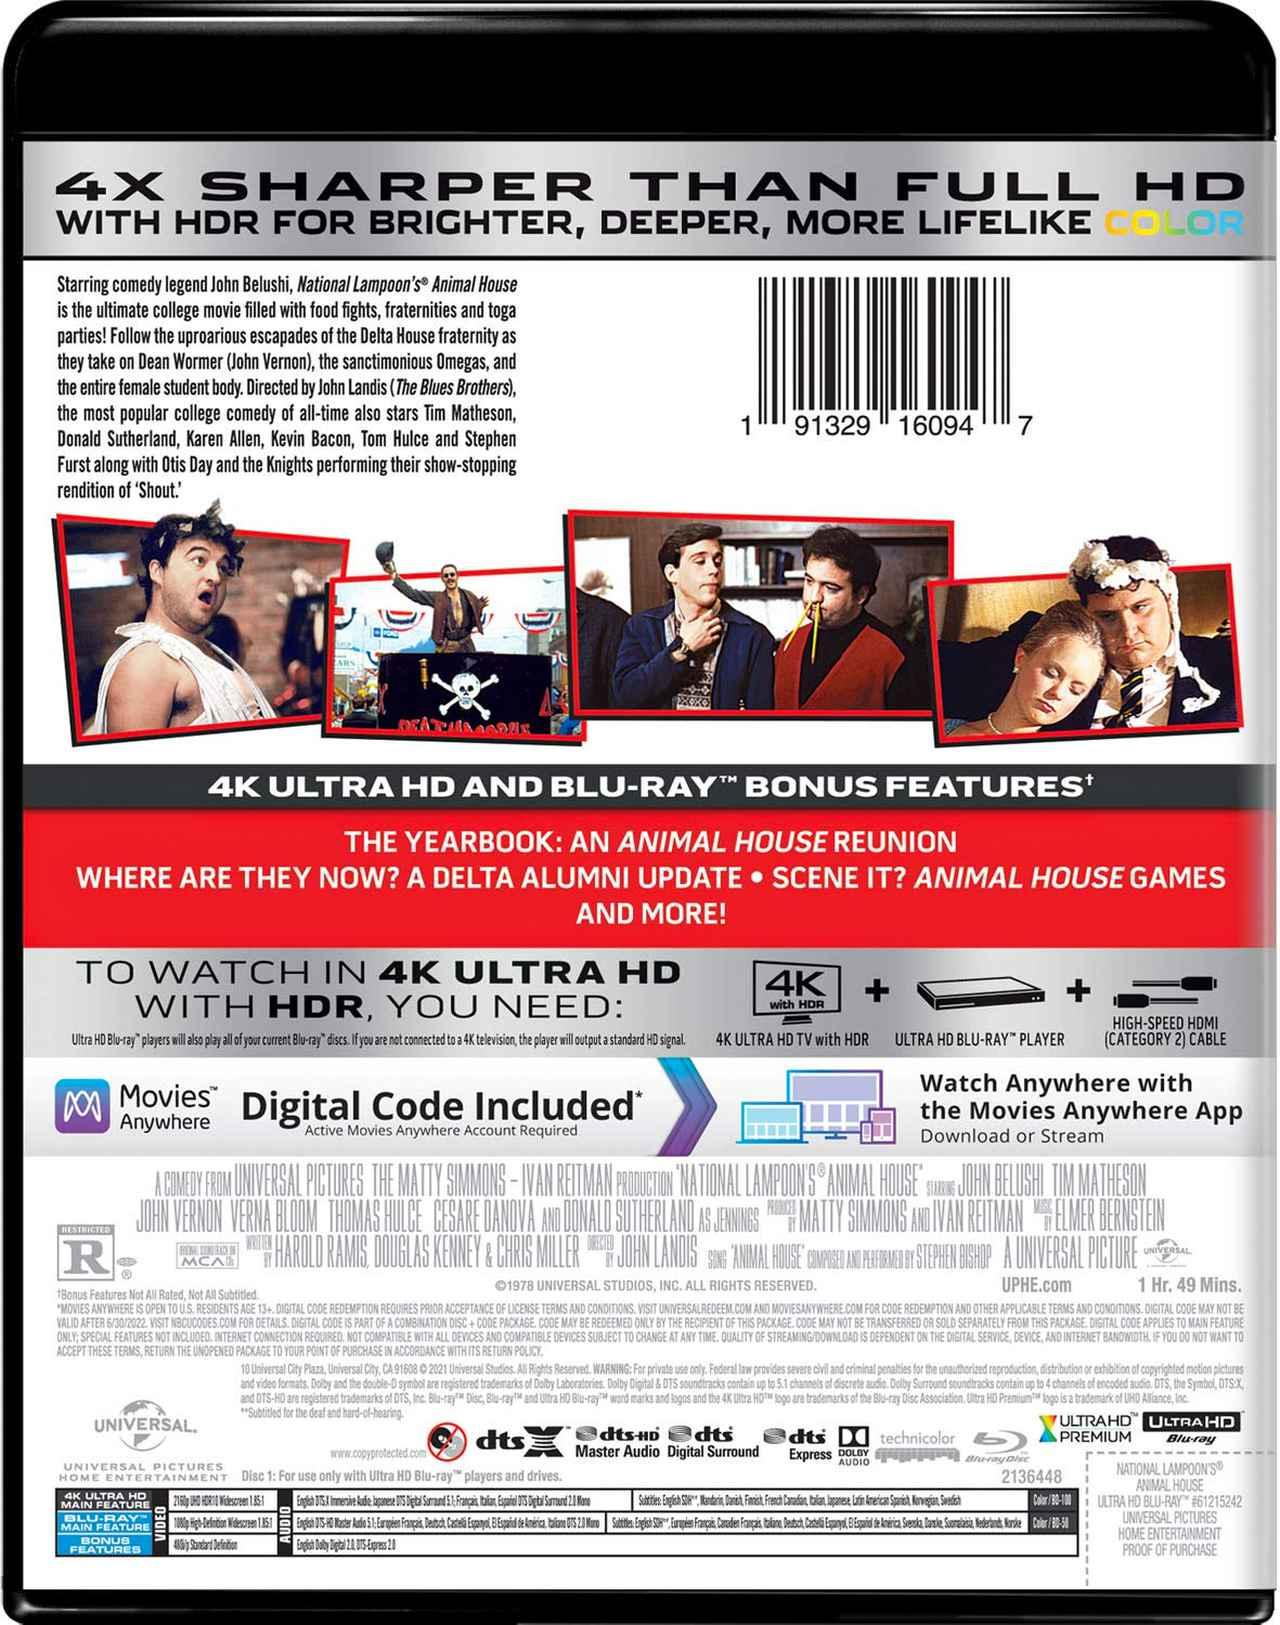 画像: ANIMAL HOUSE 4K Ultra HD + Blu-ray Universal Studios   1978   109 min   Rated R   May 18, 2021 Price: $29.98 Video Codec: HEVC / H.265 Resolution: 4K (2160p) HDR: HDR10 Original aspect ratio: 1.85:1 Audio English: DTS:X French: DTS Mono Italian: DTS Mono Spanish: DTS Mono Japanese: DTS 5.1 Subtitles English SDH, French, Italian, Japanese, Danish, Finnish, Mandarin (Simplified), Mandarin (Traditional), Norwegian, Swedish Special Features (Blu-Ray) The Music of Animal House The Yearbook: An Animal House Reunion Where Are They Now? A Delta Alumni Update SceneIt? Animal House Theatrical Trailer